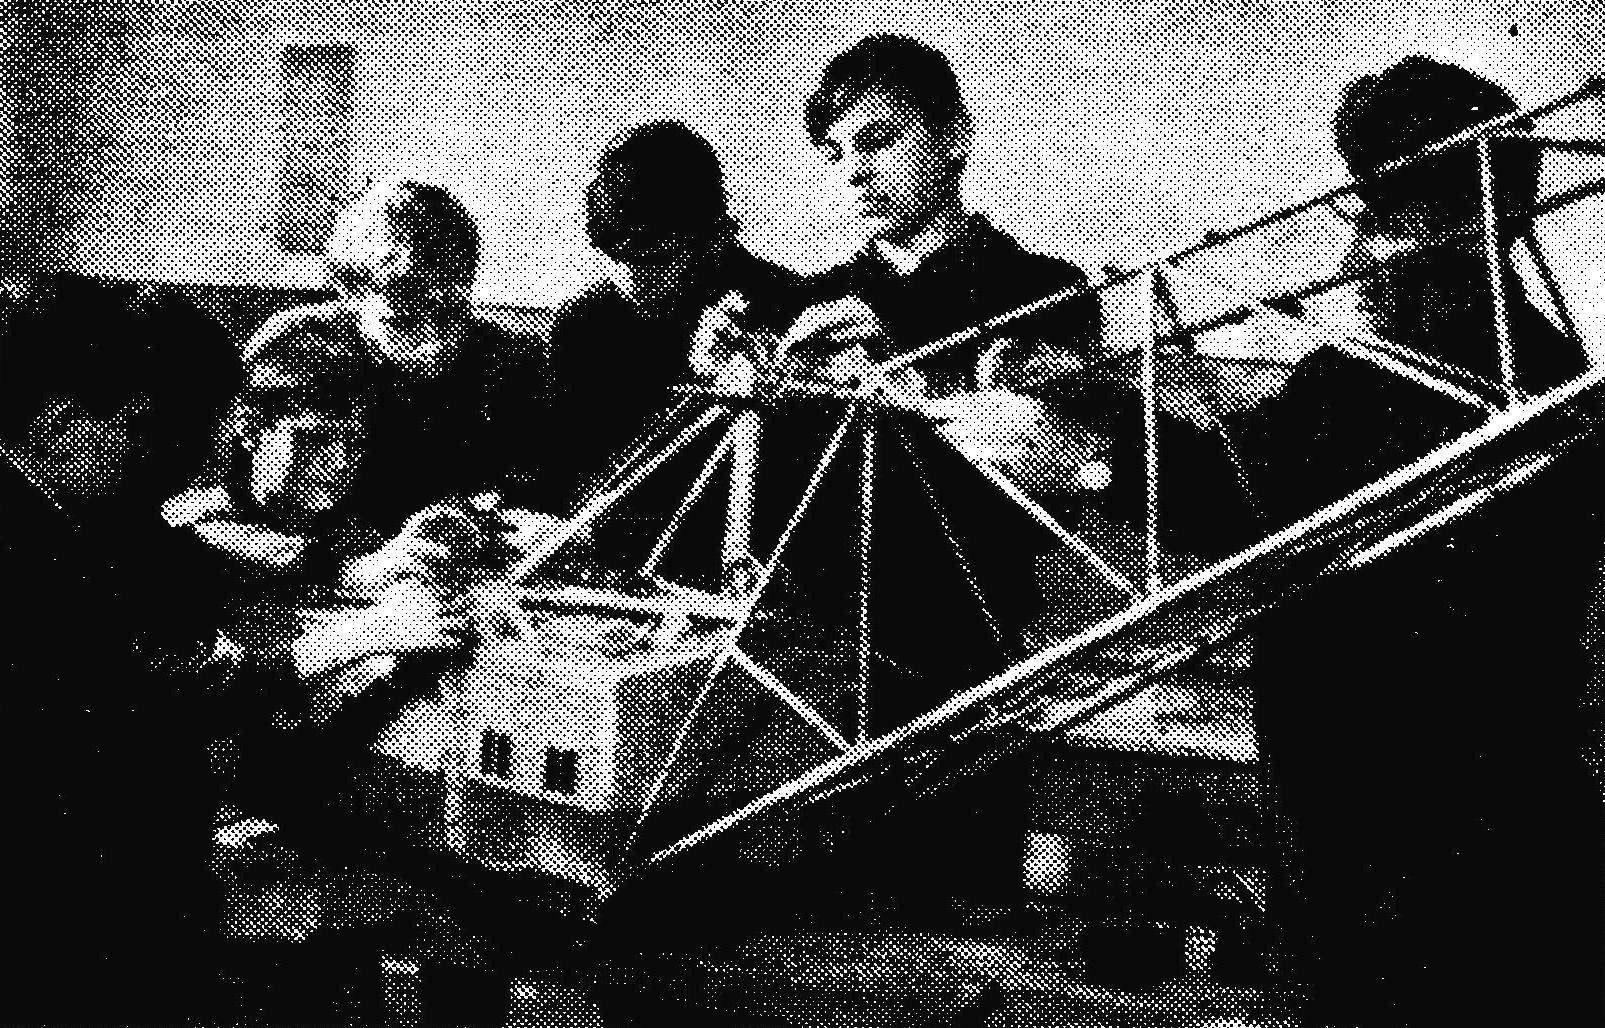 Под руководством директора клуба В. П. Мартышова строится модель шагающего экскаватора, выпускаемого заводом.